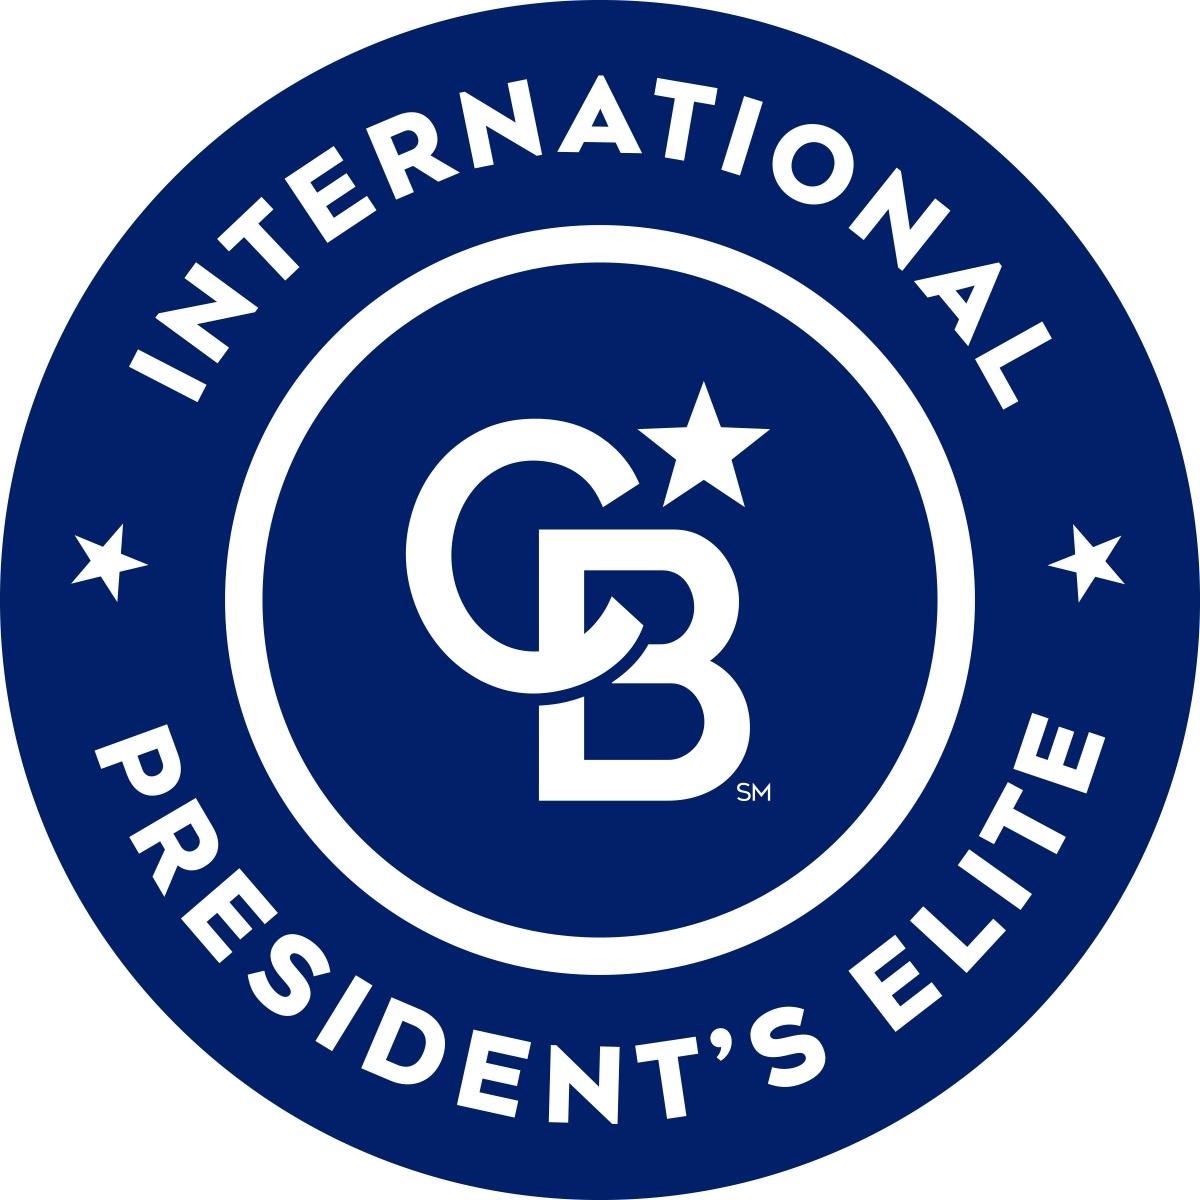 International President's Elite